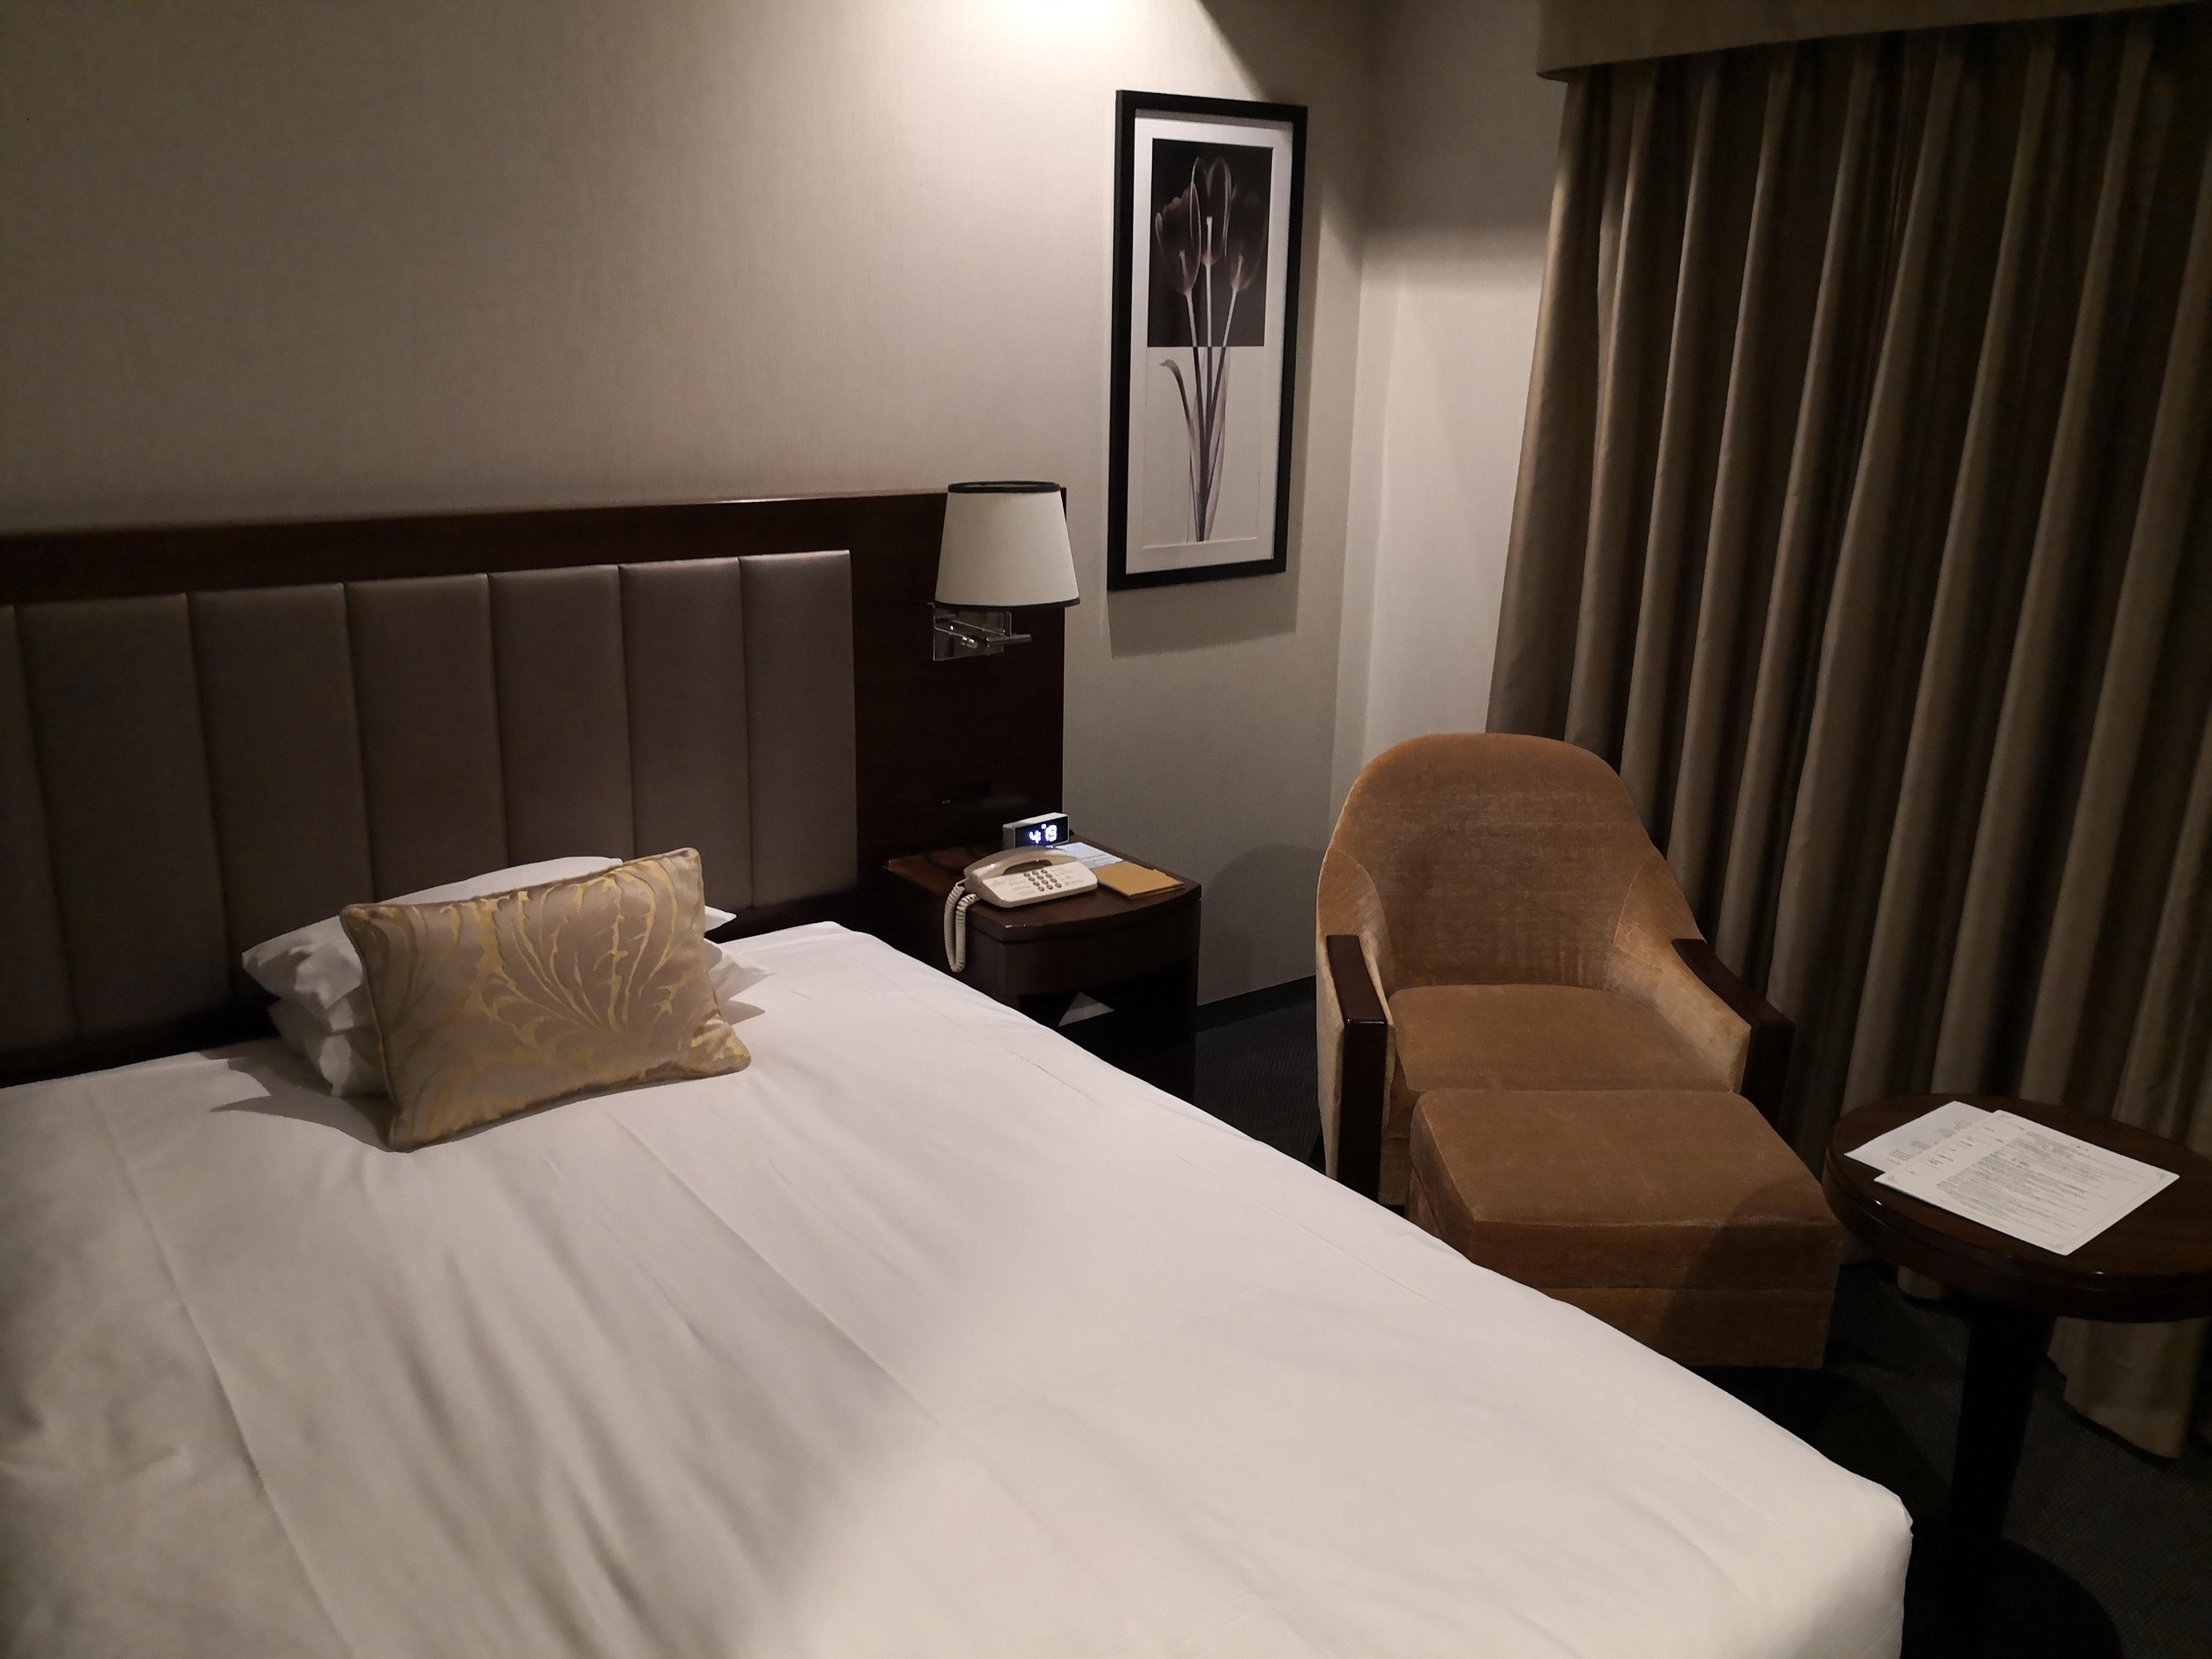 ベッド脇の様子。ナイトスタンドと一人掛けソファー、丸テーブルがある